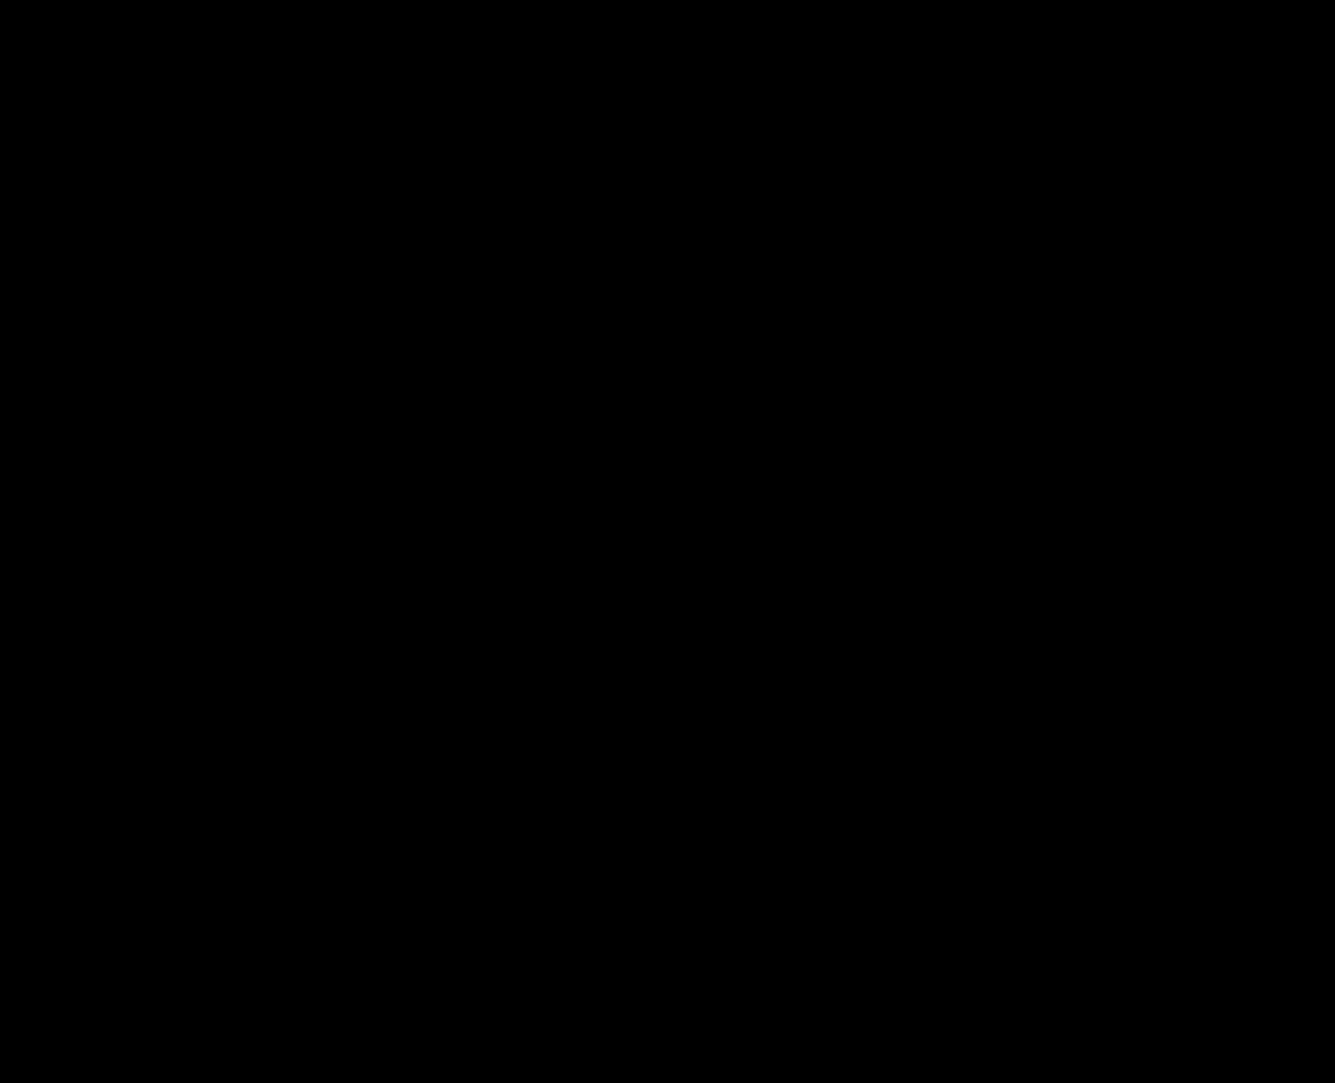 ISO216 Standard C Envelope Sizes